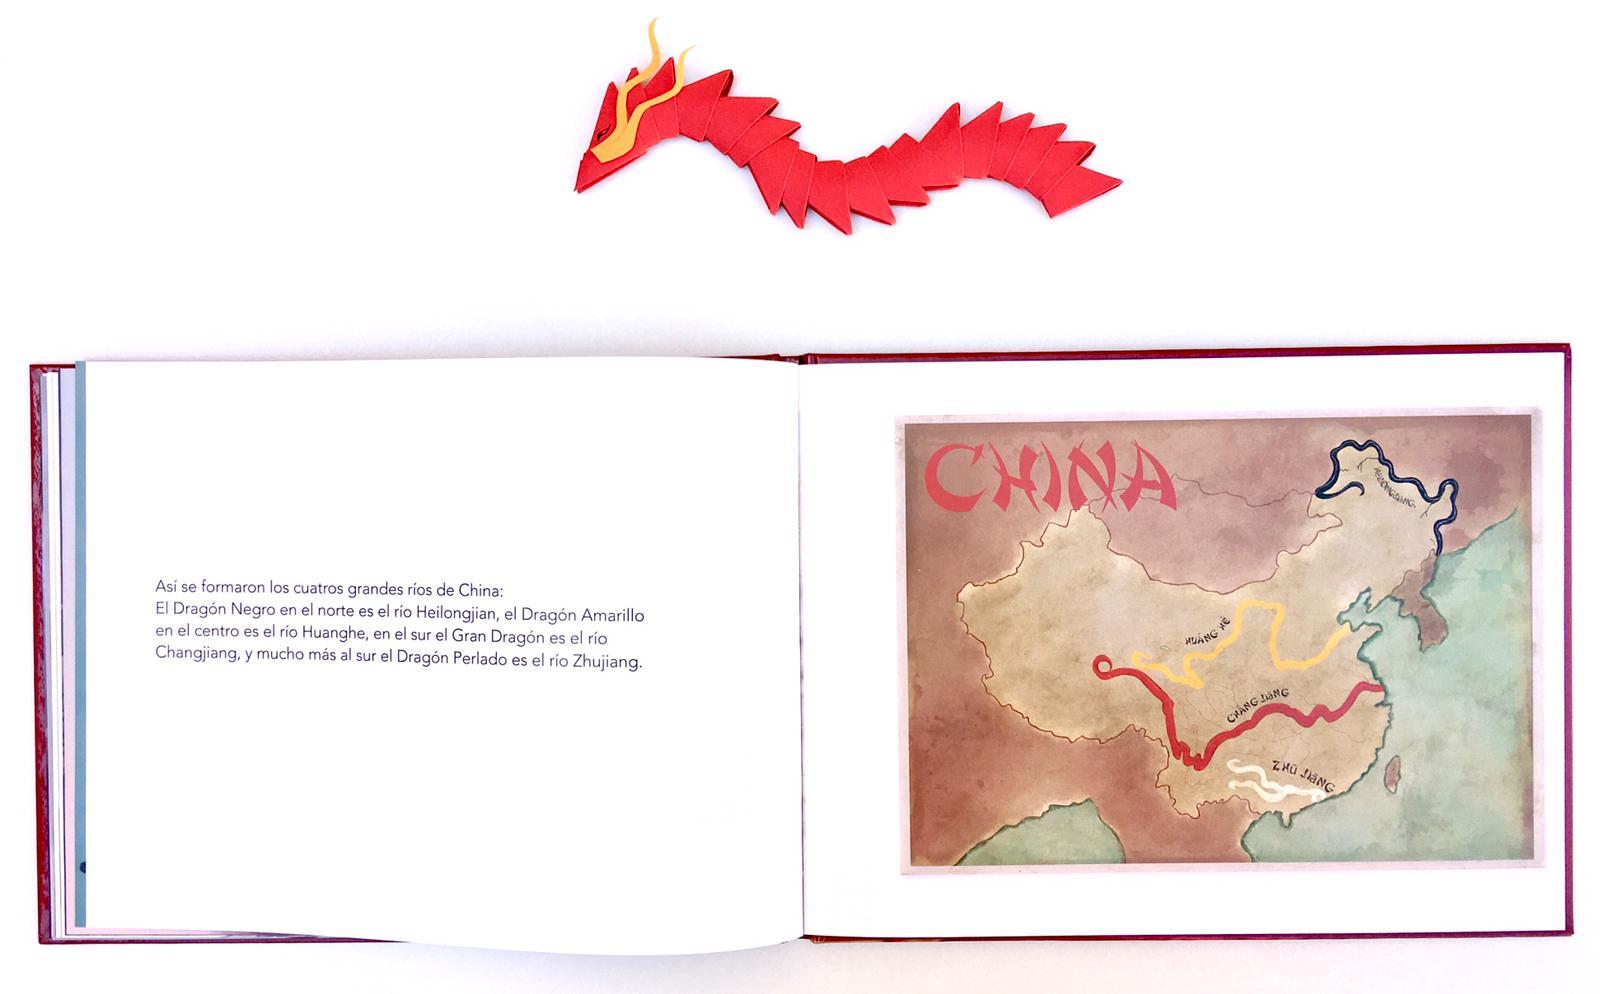 cuatro dragones rios